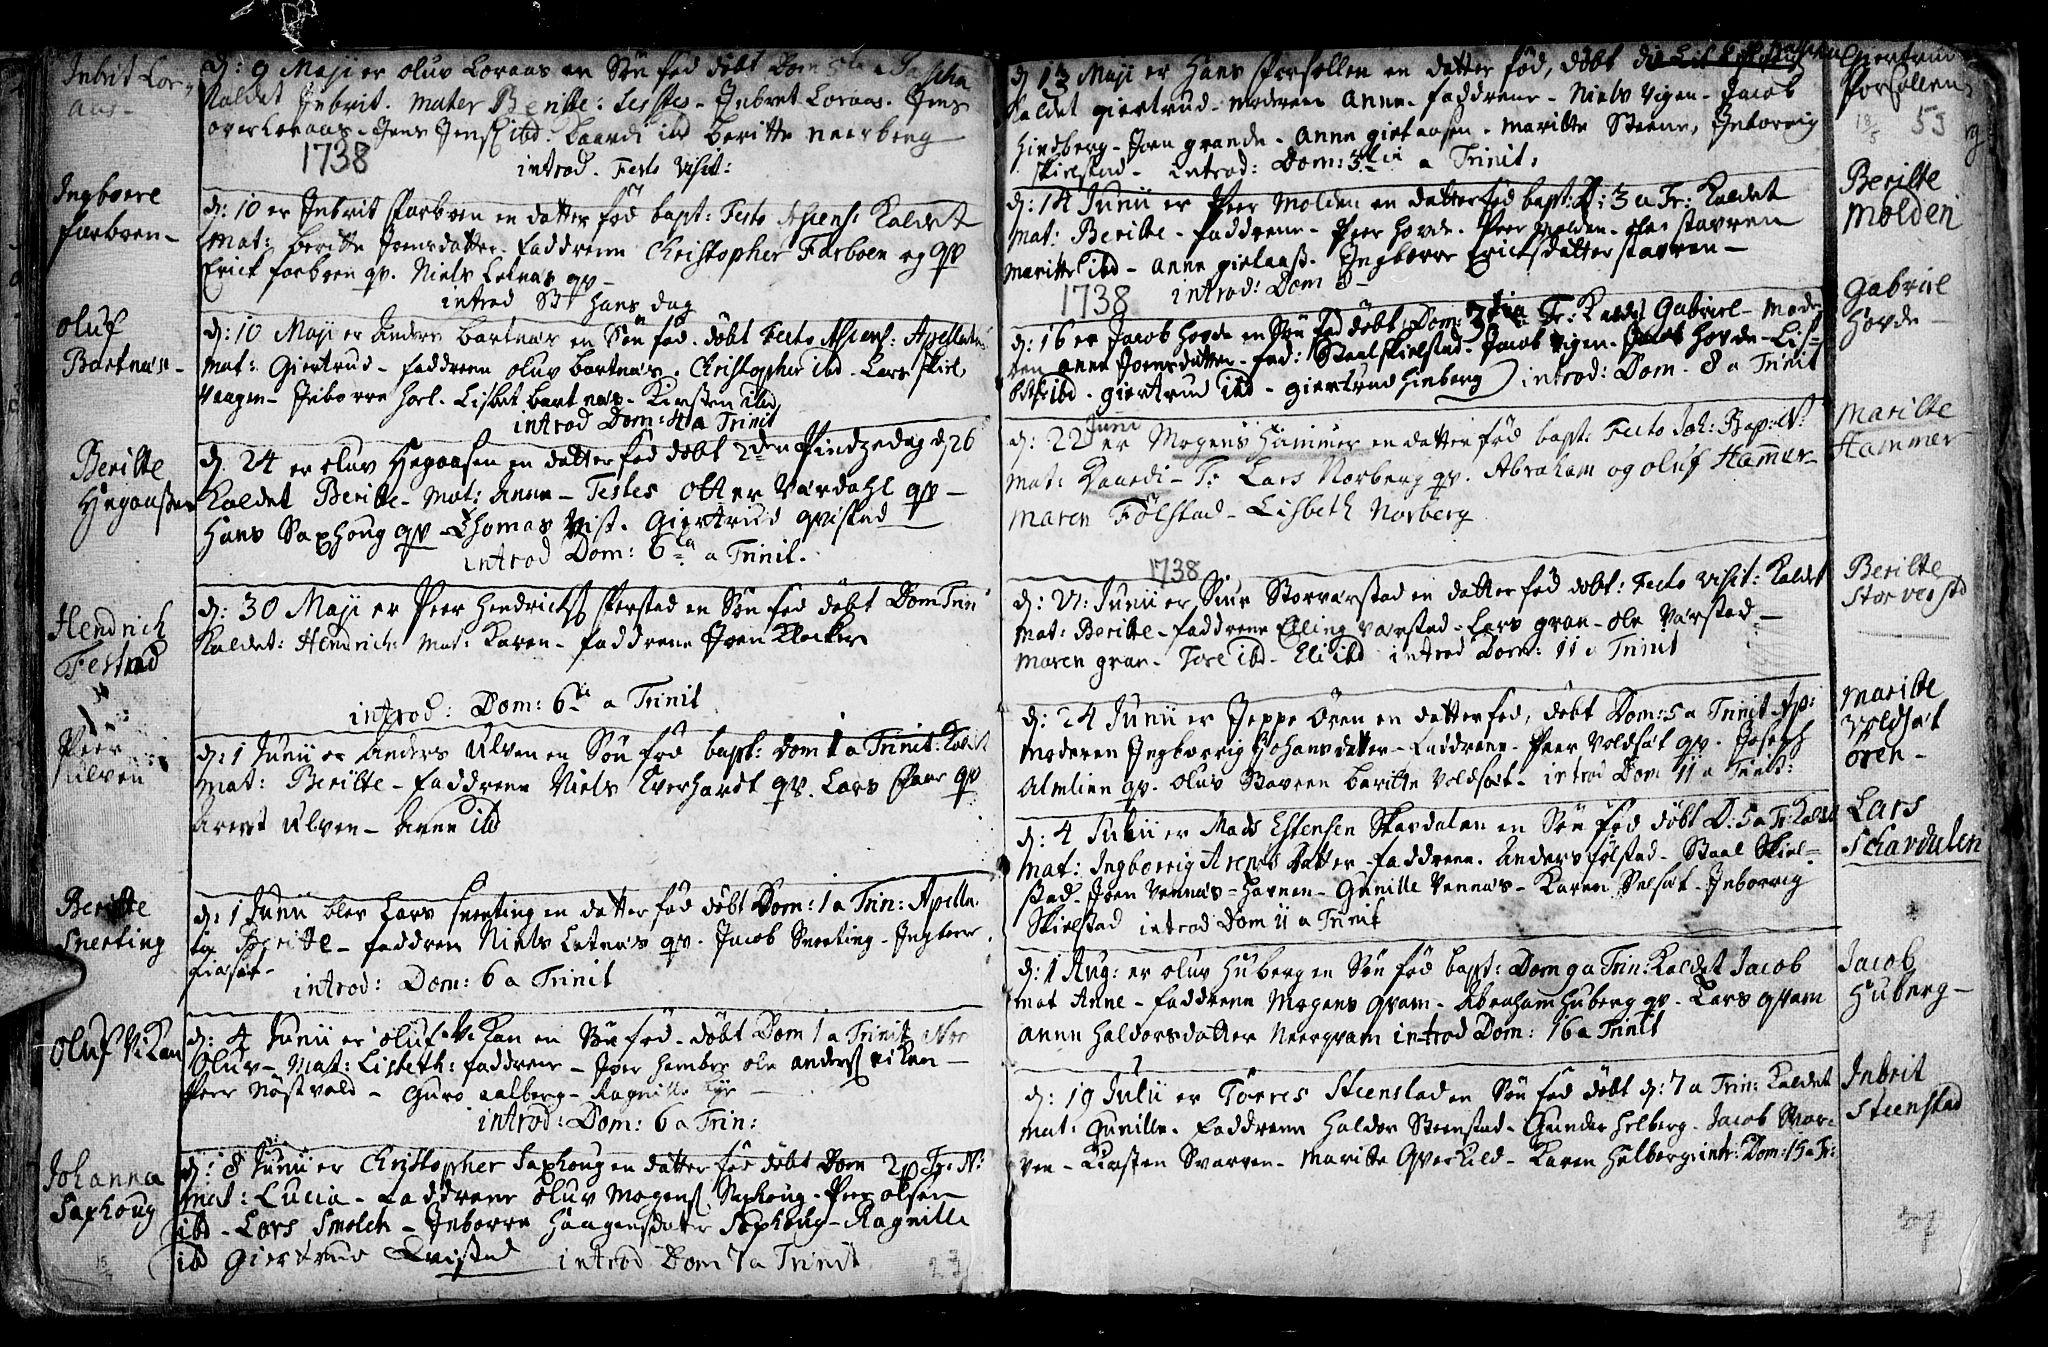 SAT, Ministerialprotokoller, klokkerbøker og fødselsregistre - Nord-Trøndelag, 730/L0272: Parish register (official) no. 730A01, 1733-1764, p. 53